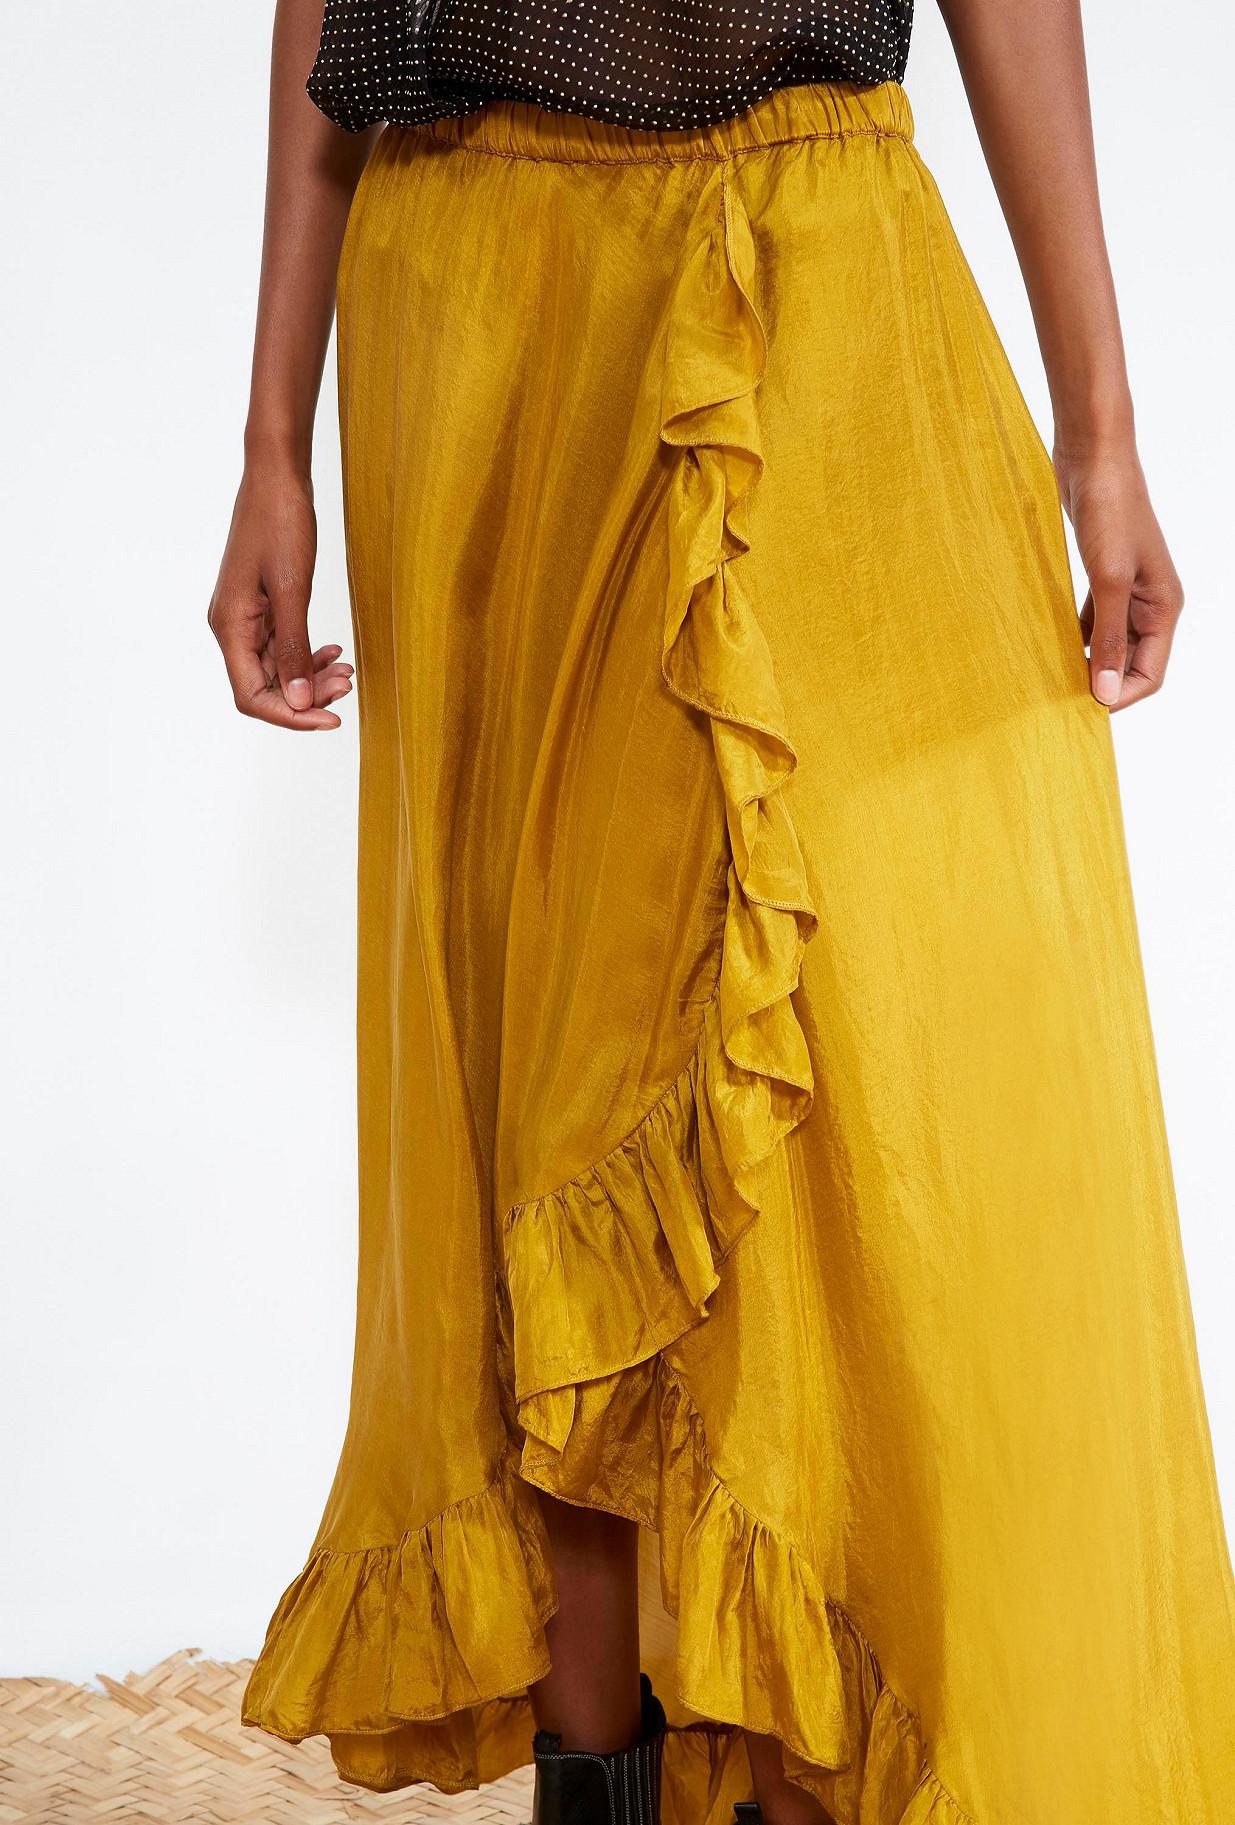 Sand  SKIRT  Carmen Mes demoiselles fashion clothes designer Paris